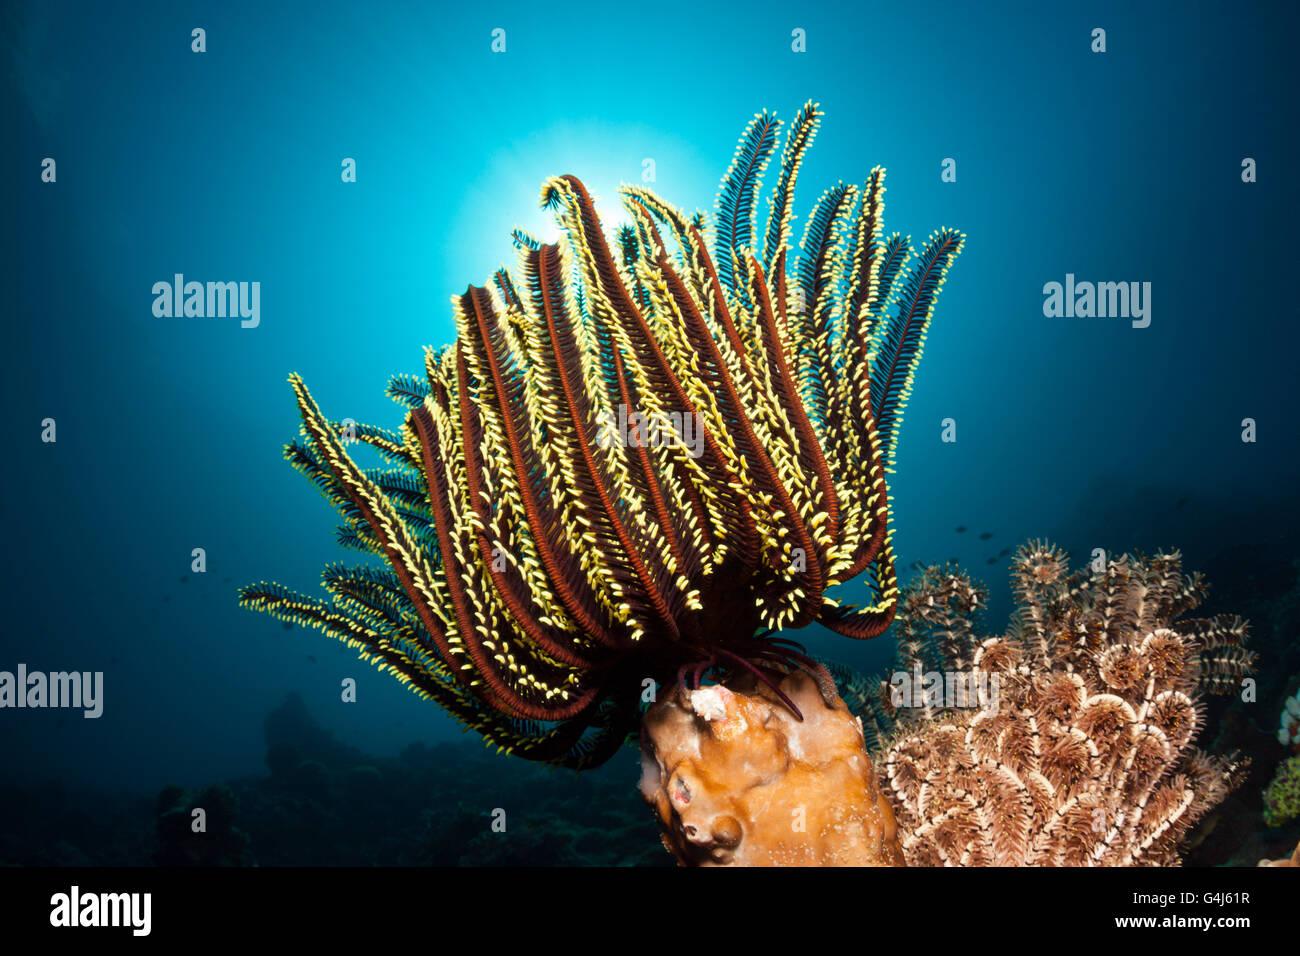 Peitschenkorallen im Korallenriff, Oxycomanthus Bennetti, Ambon, Molukken, Indonesien Stockfoto